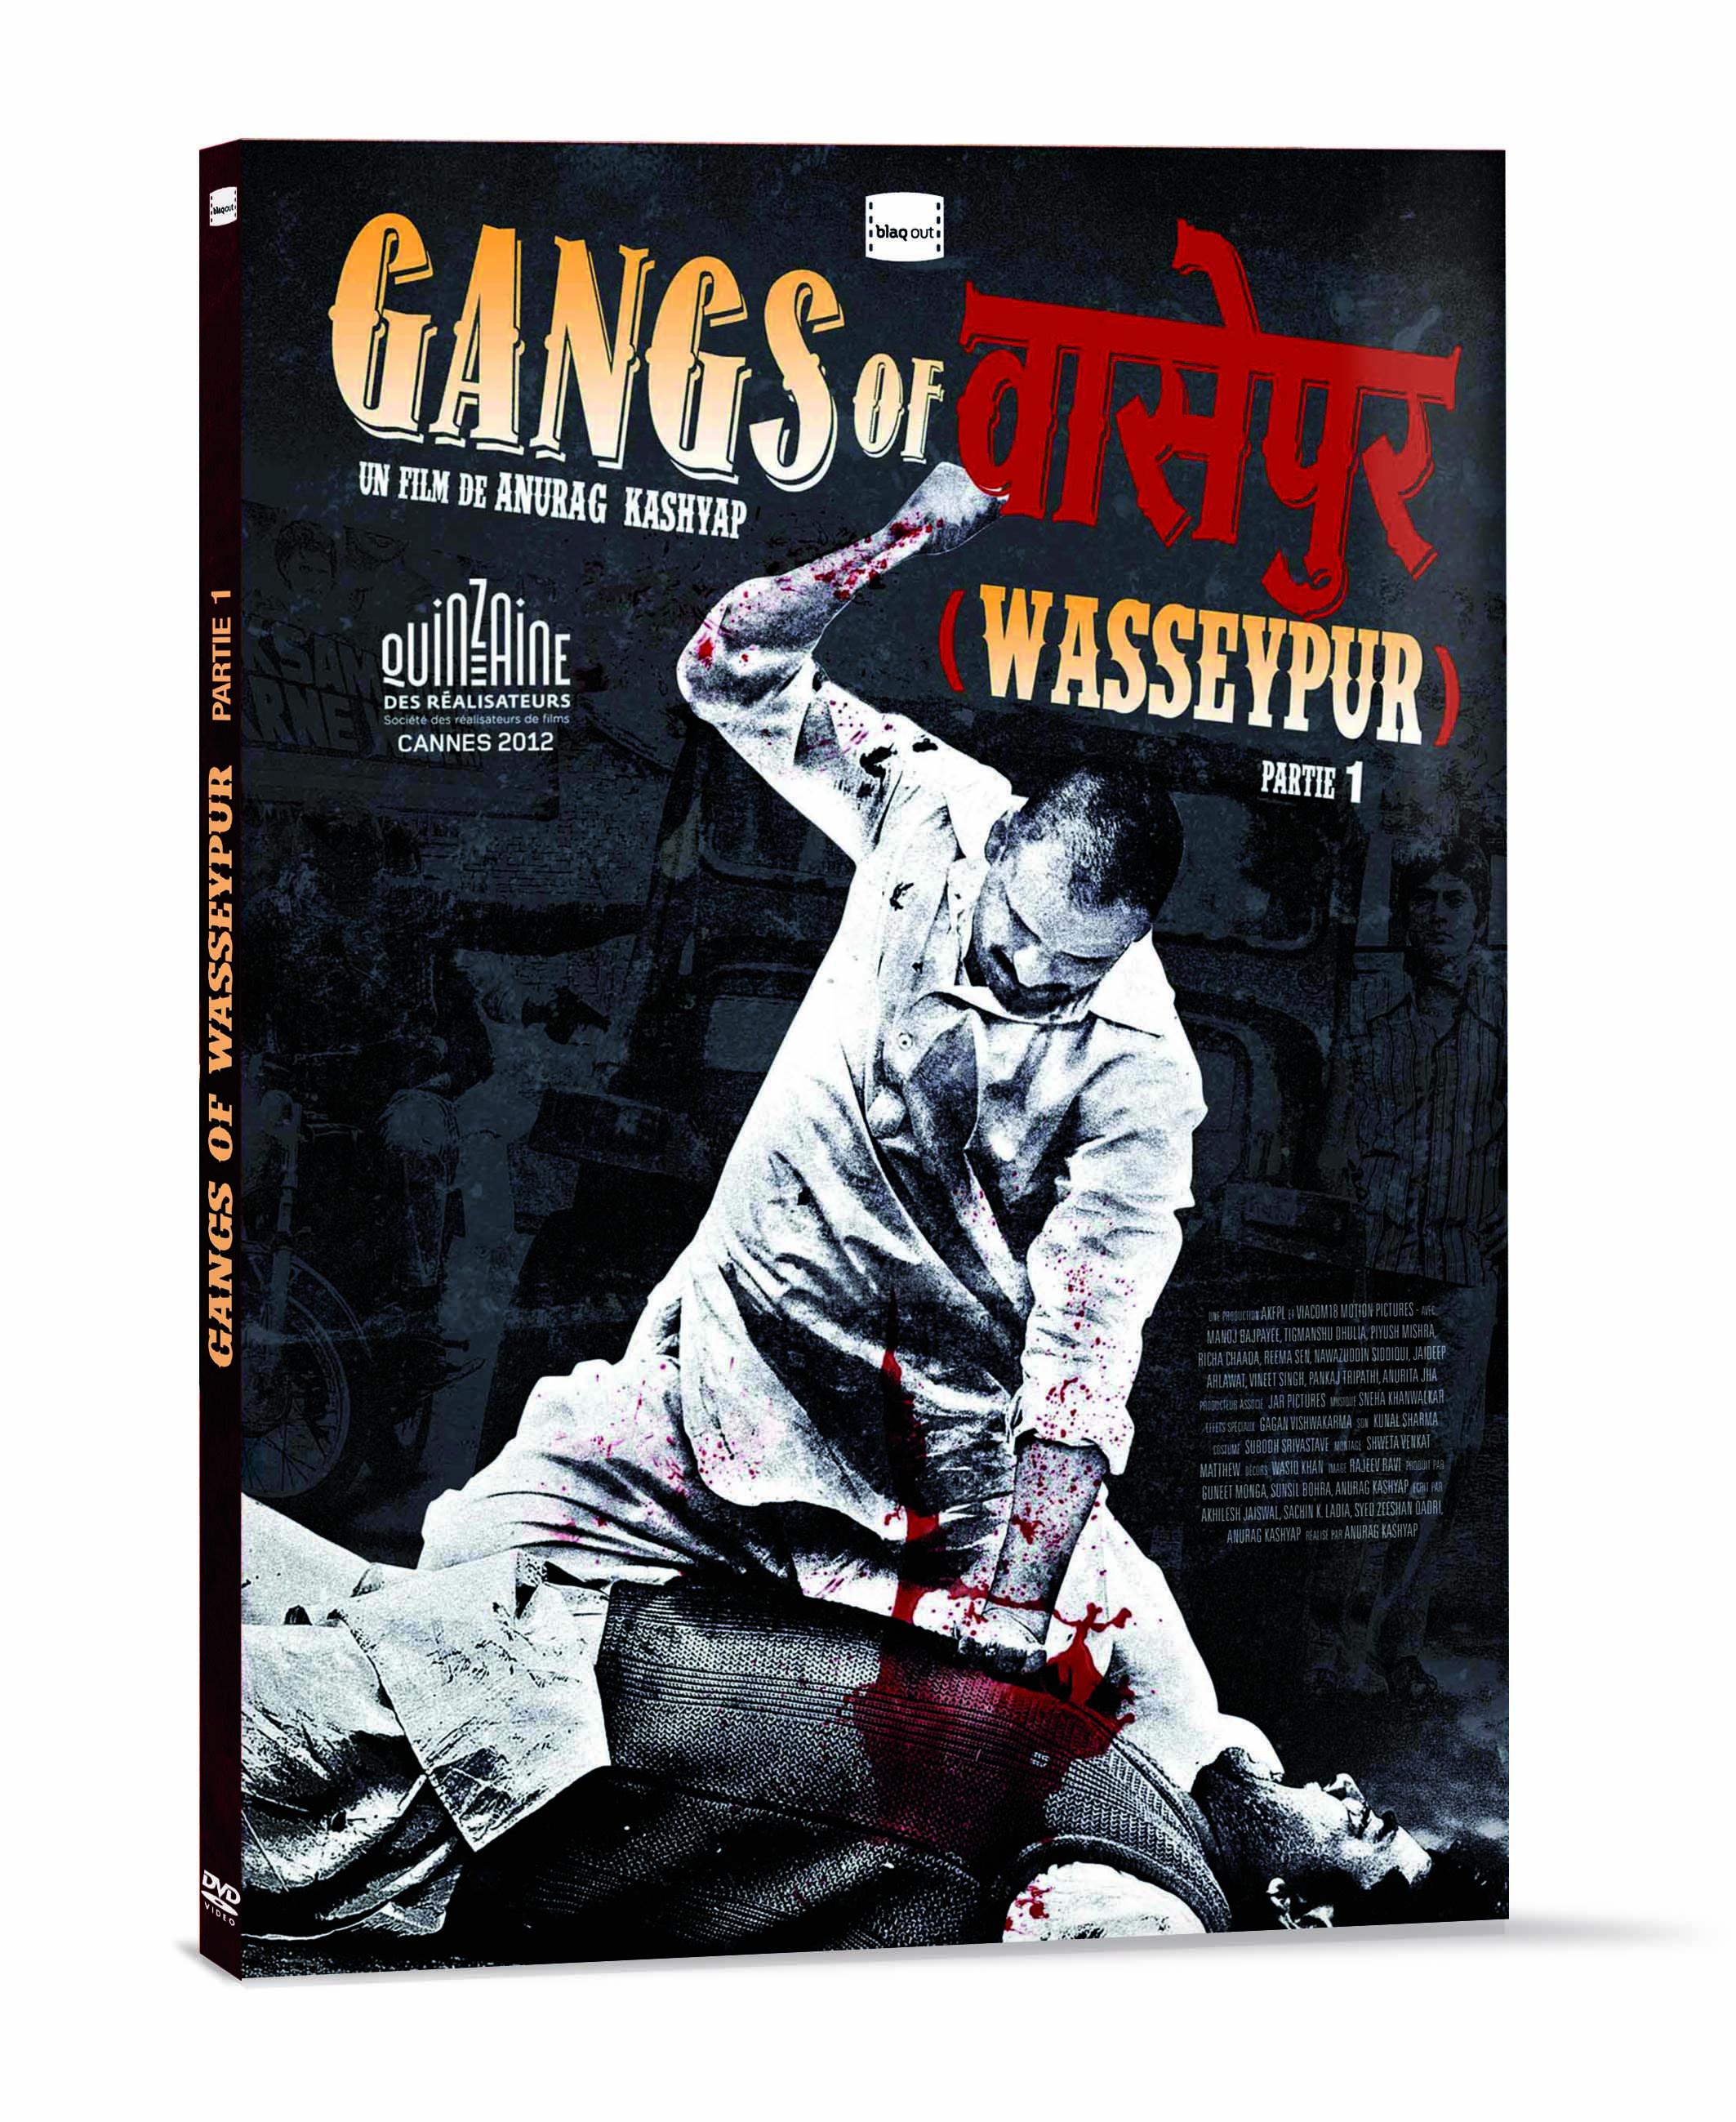 Gangs Of Wasseypur Partie 1 D Anurag Kashyap Sortie Le 4 Decembre 2012 20 Gang Film Les 4 C